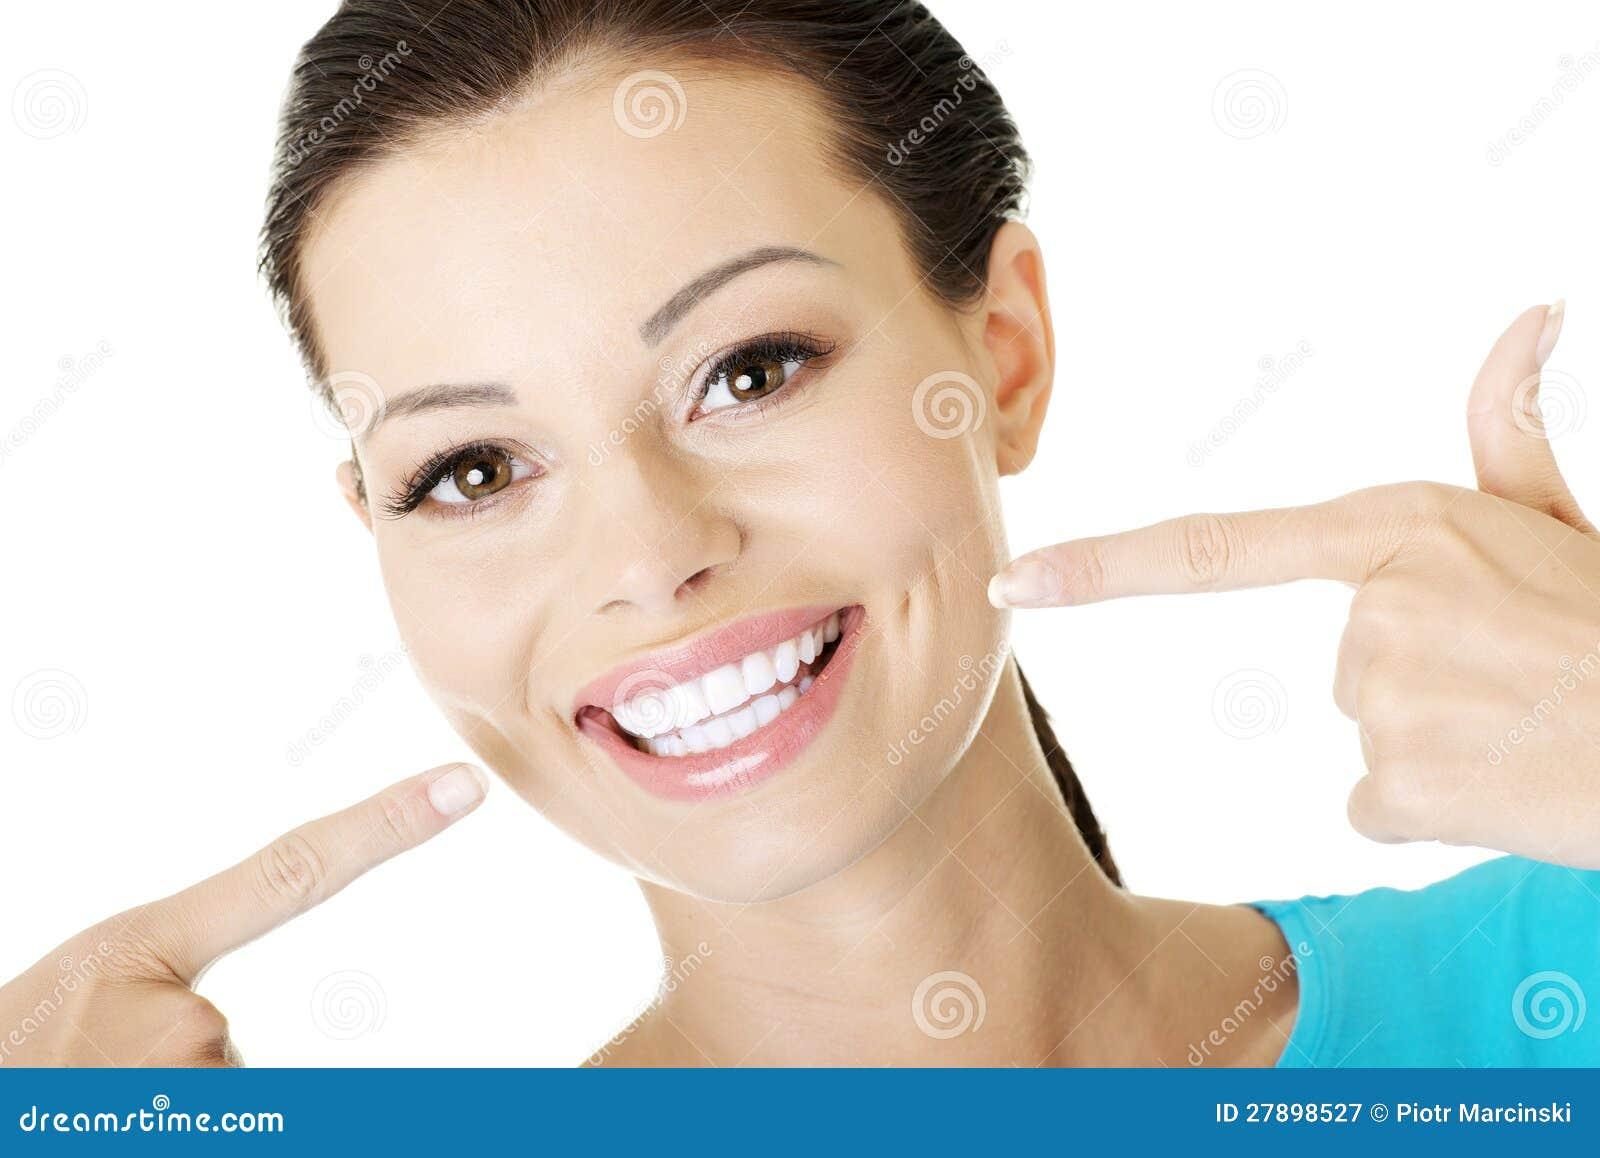 Γυναίκα που εμφανίζει τέλεια δόντια της.